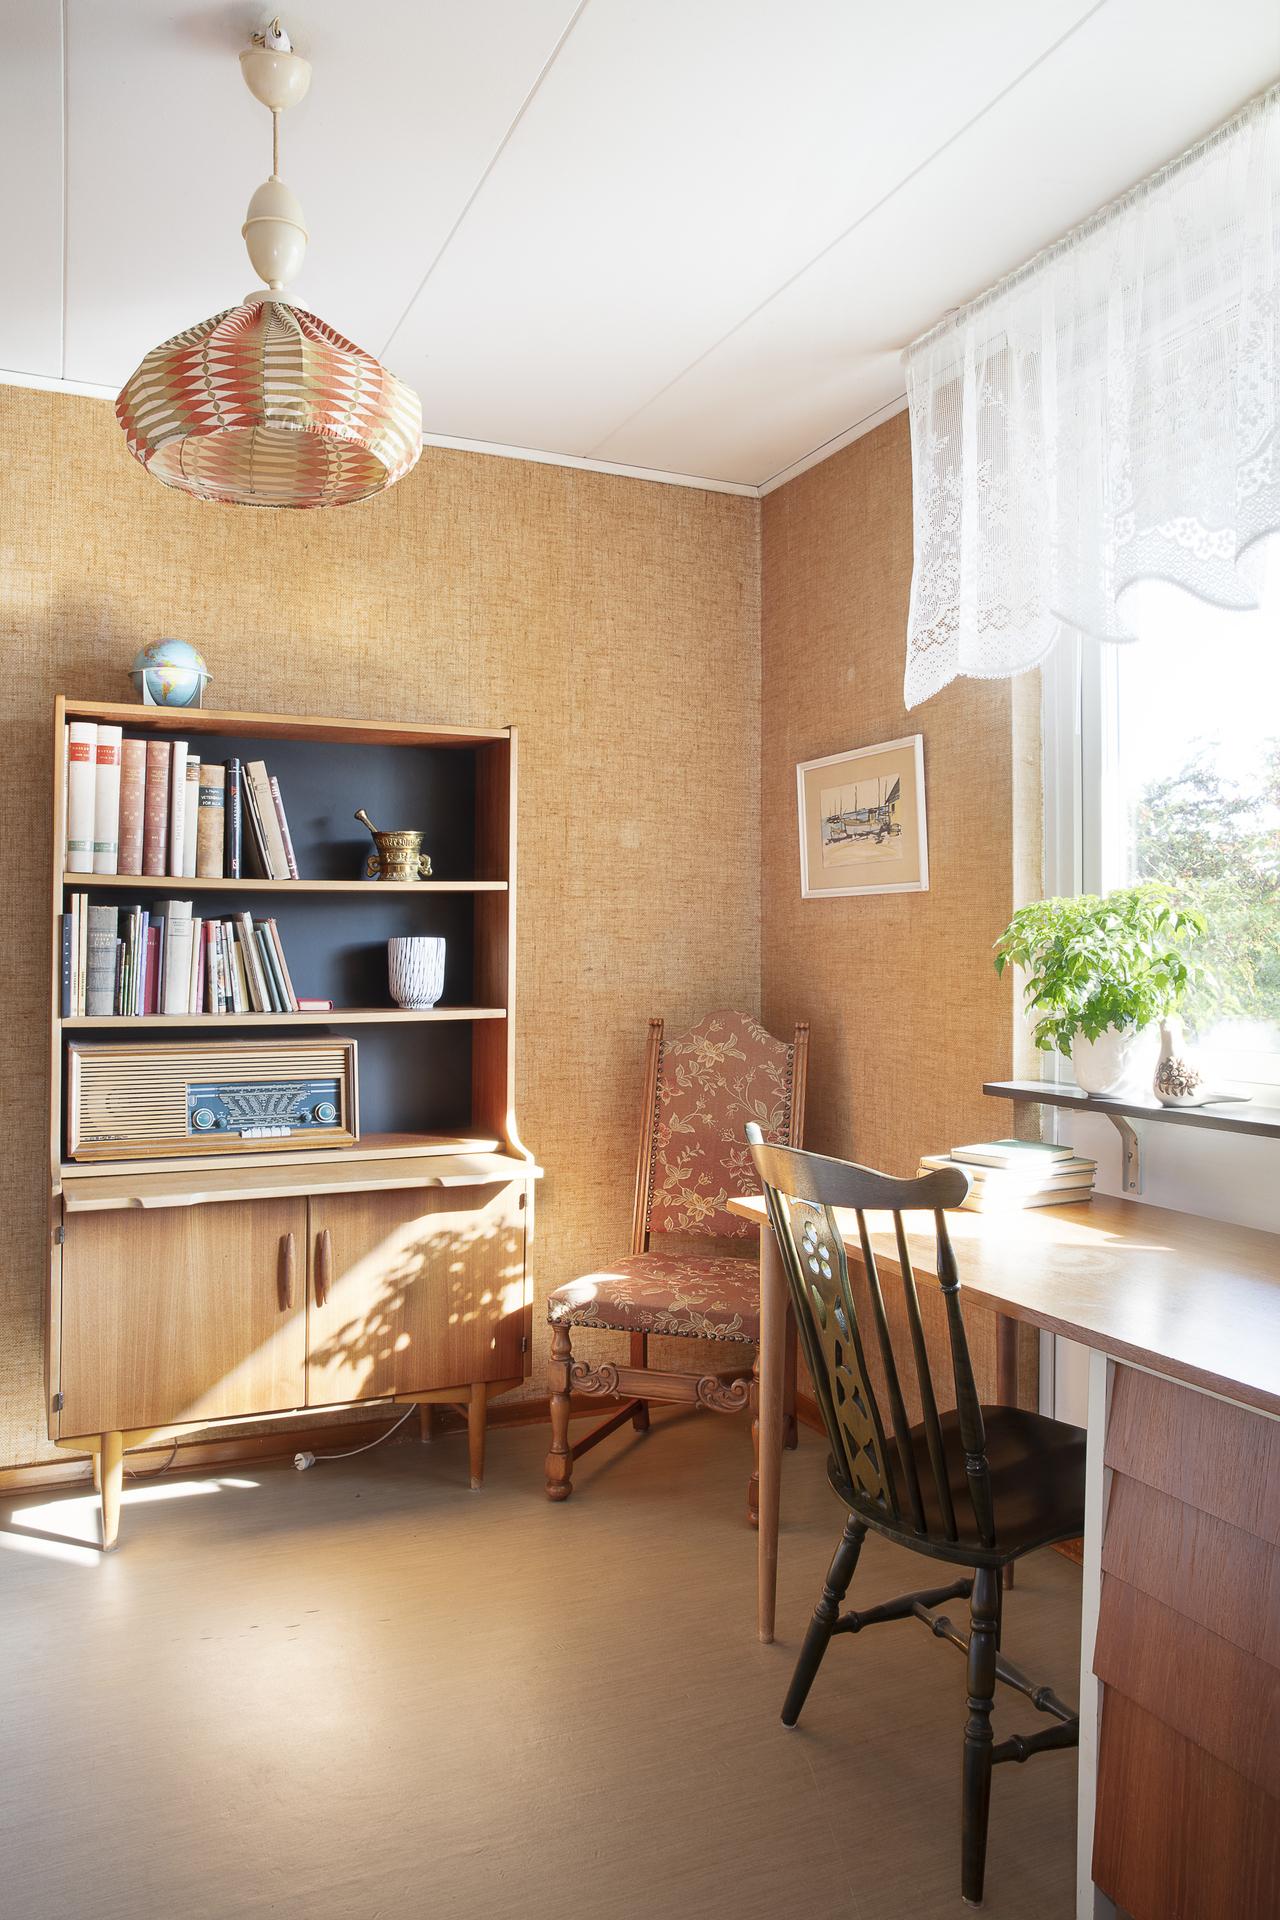 Sovrum 4 används idag som ett kontor, här finns plats för säng samt ytterligare möblemang